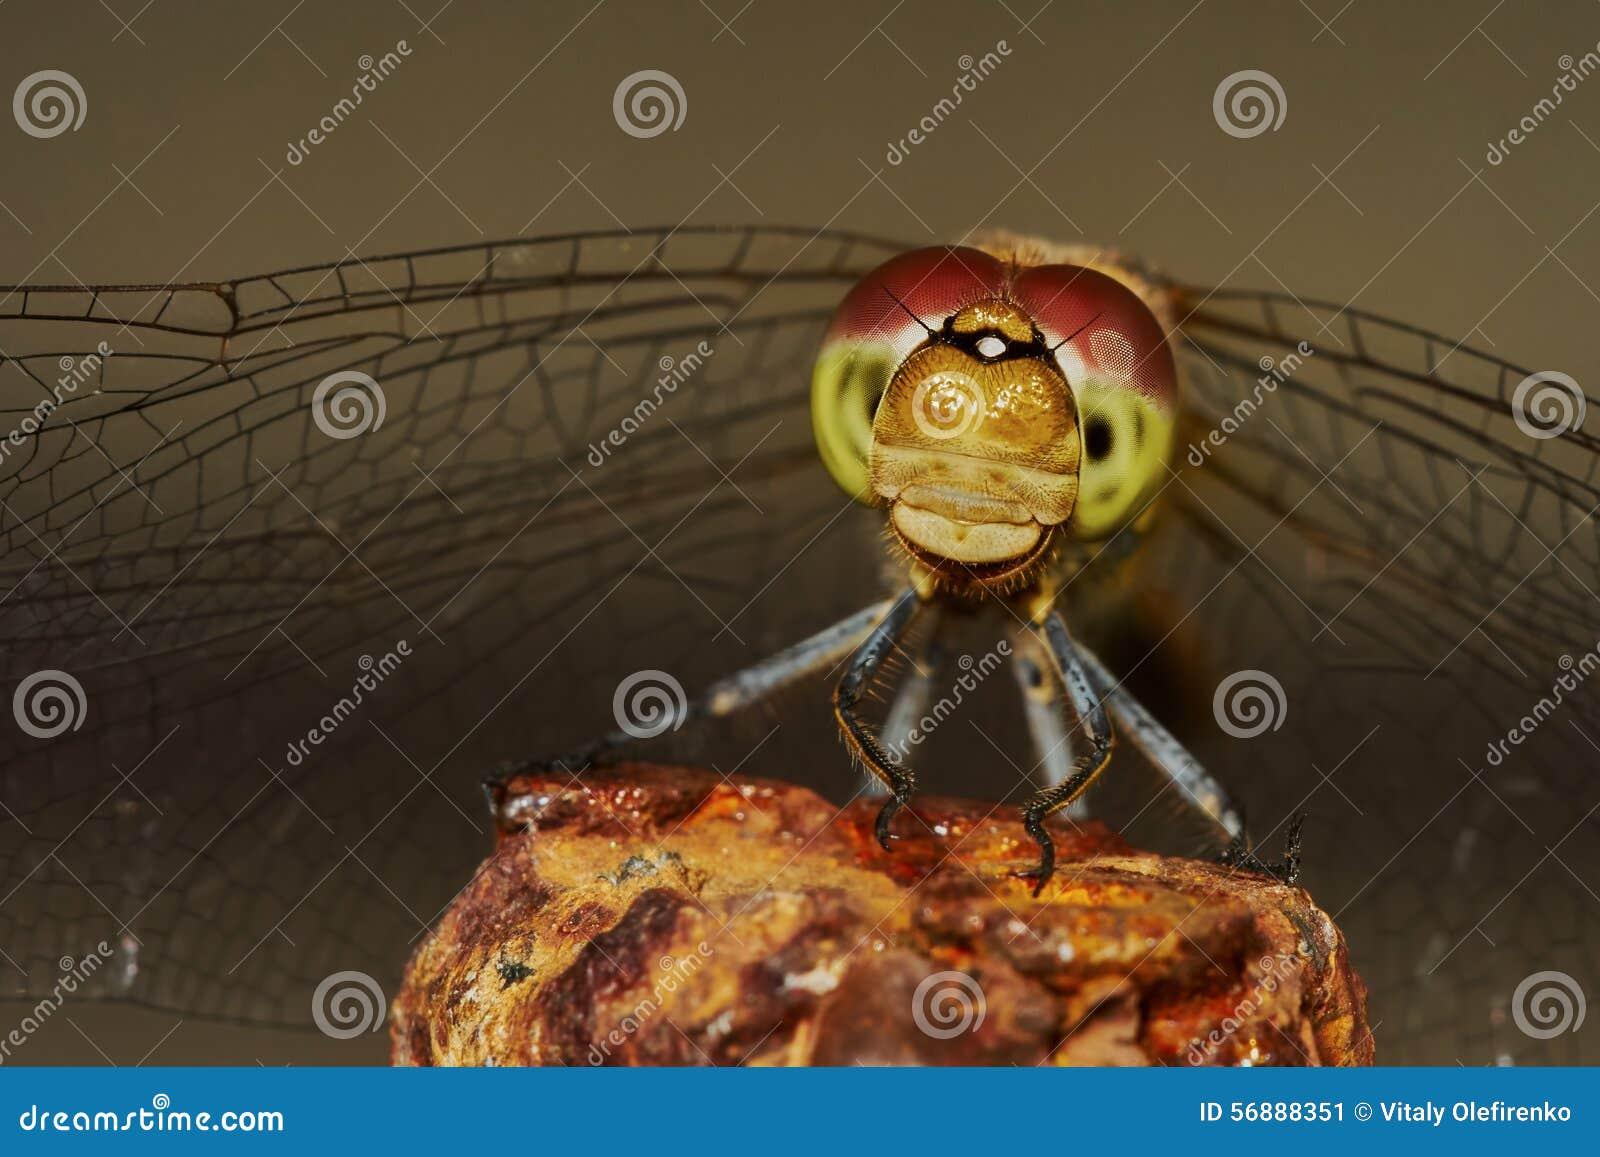 Ritratto di una libellula